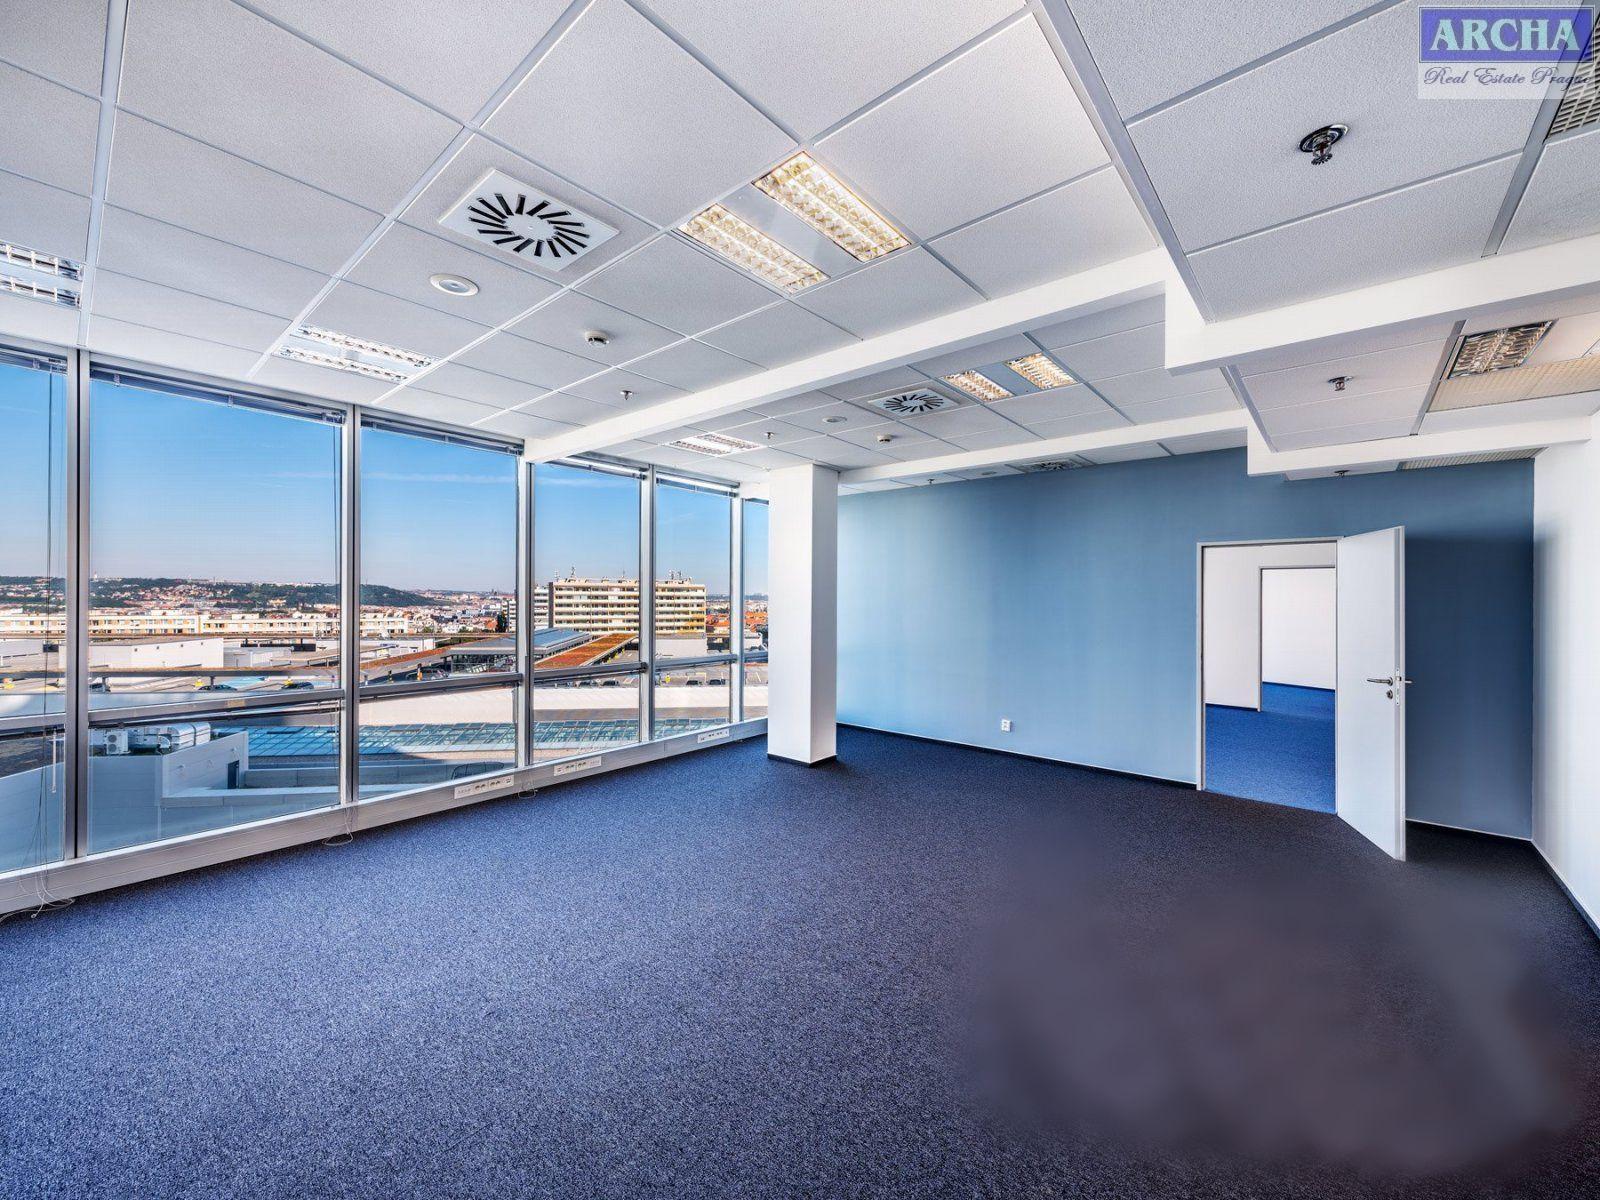 Nájem moderních kanceláří 236,5 m2, 25 patro, Praha 4 Pankrác